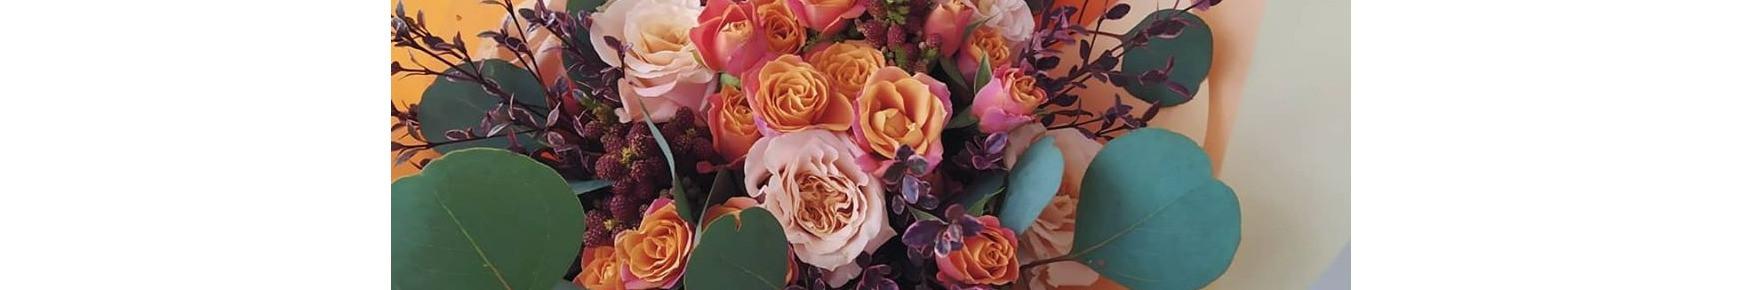 Blooming Town - Su florista personal - Entrega de flores